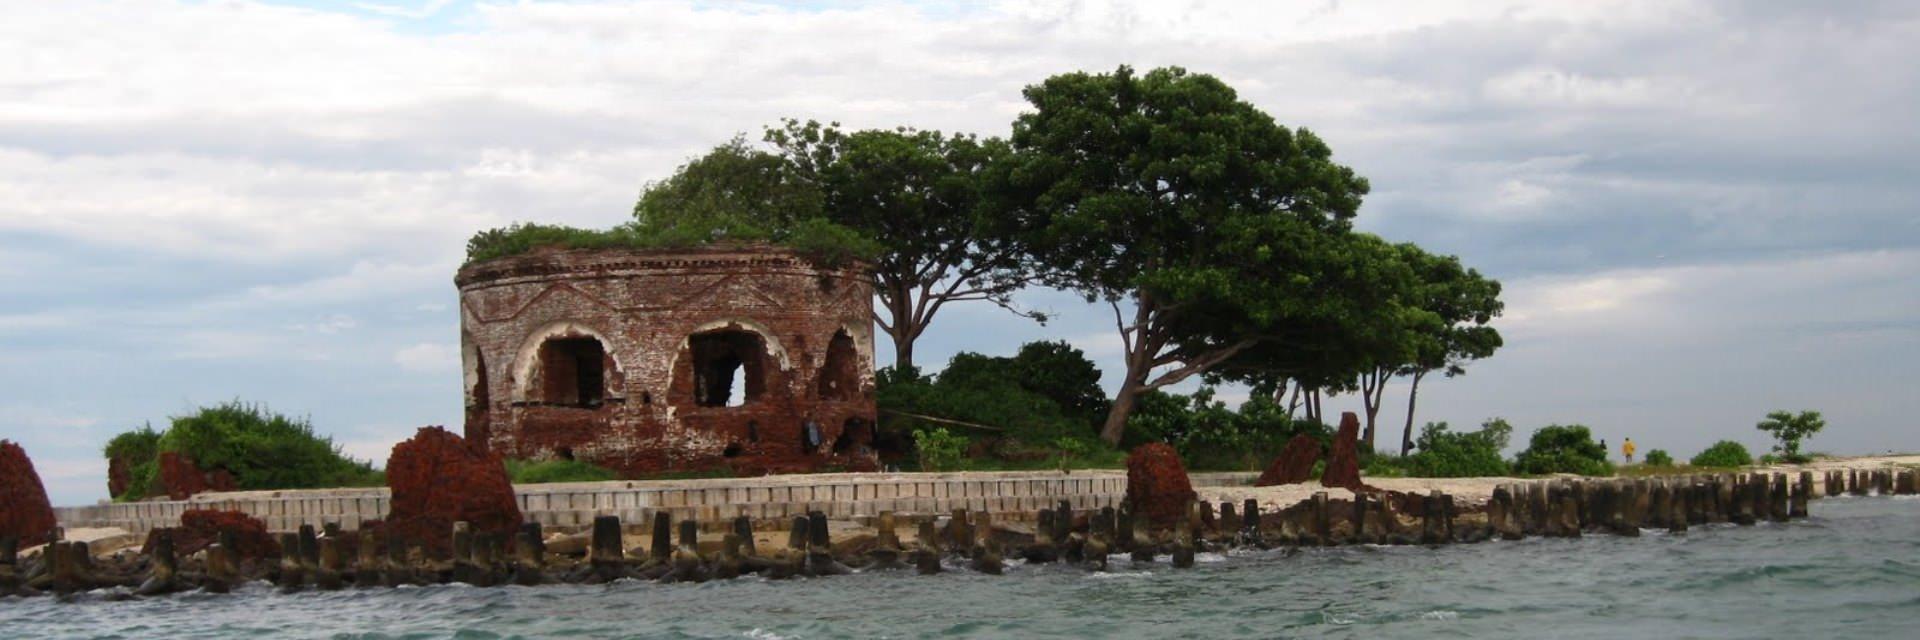 Pulau Bidadari di Kepulauan Seribu Bisa Dolaners Jadikan Destinasi Liburan Romantis Bareng Pasangan